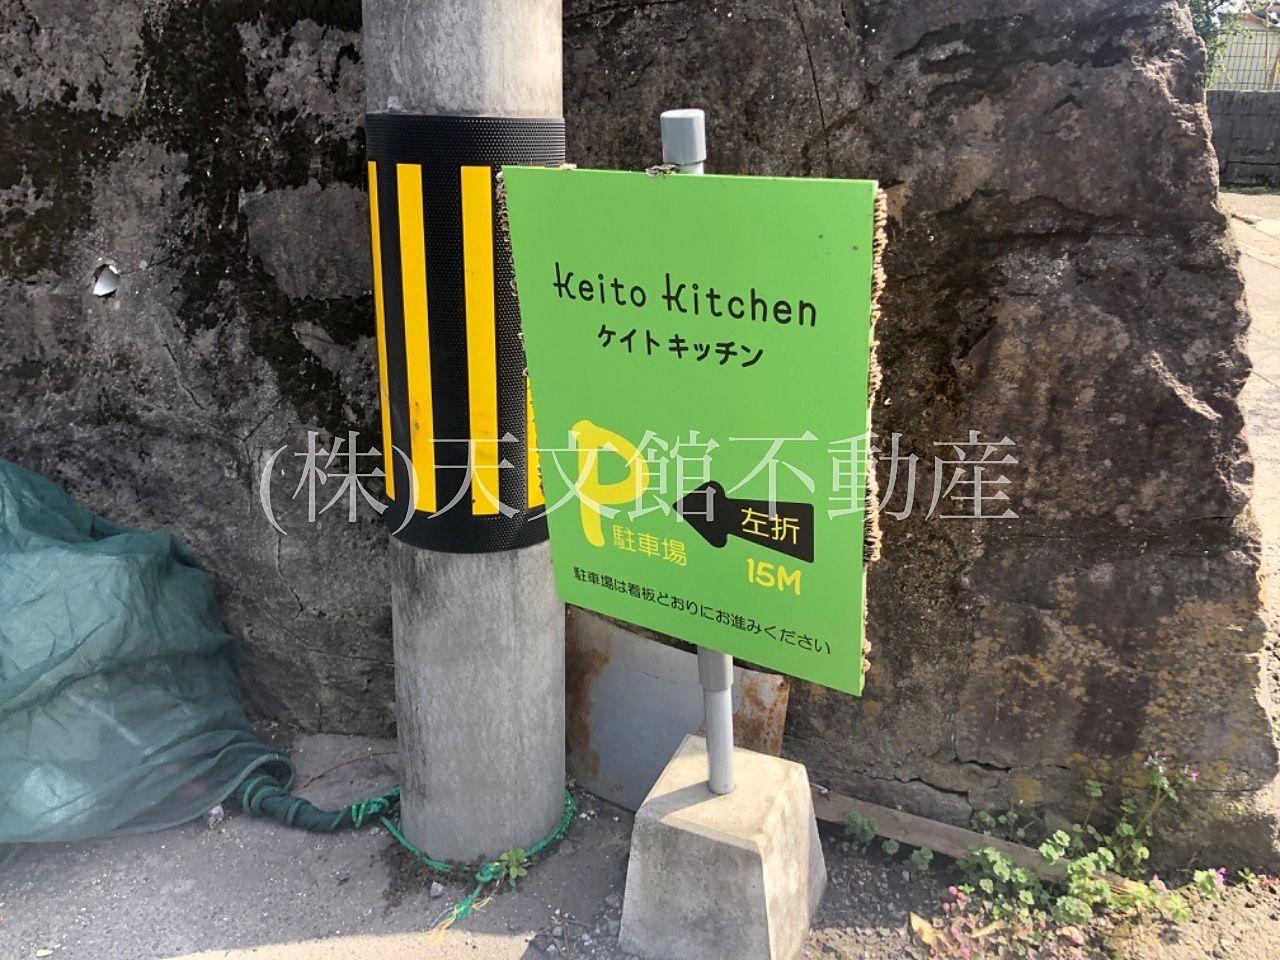 鹿児島市吉野町「ケイトキッチン」の駐車場案内看板ですが矢印と距離が書いてあってとてもわかりやすいです。